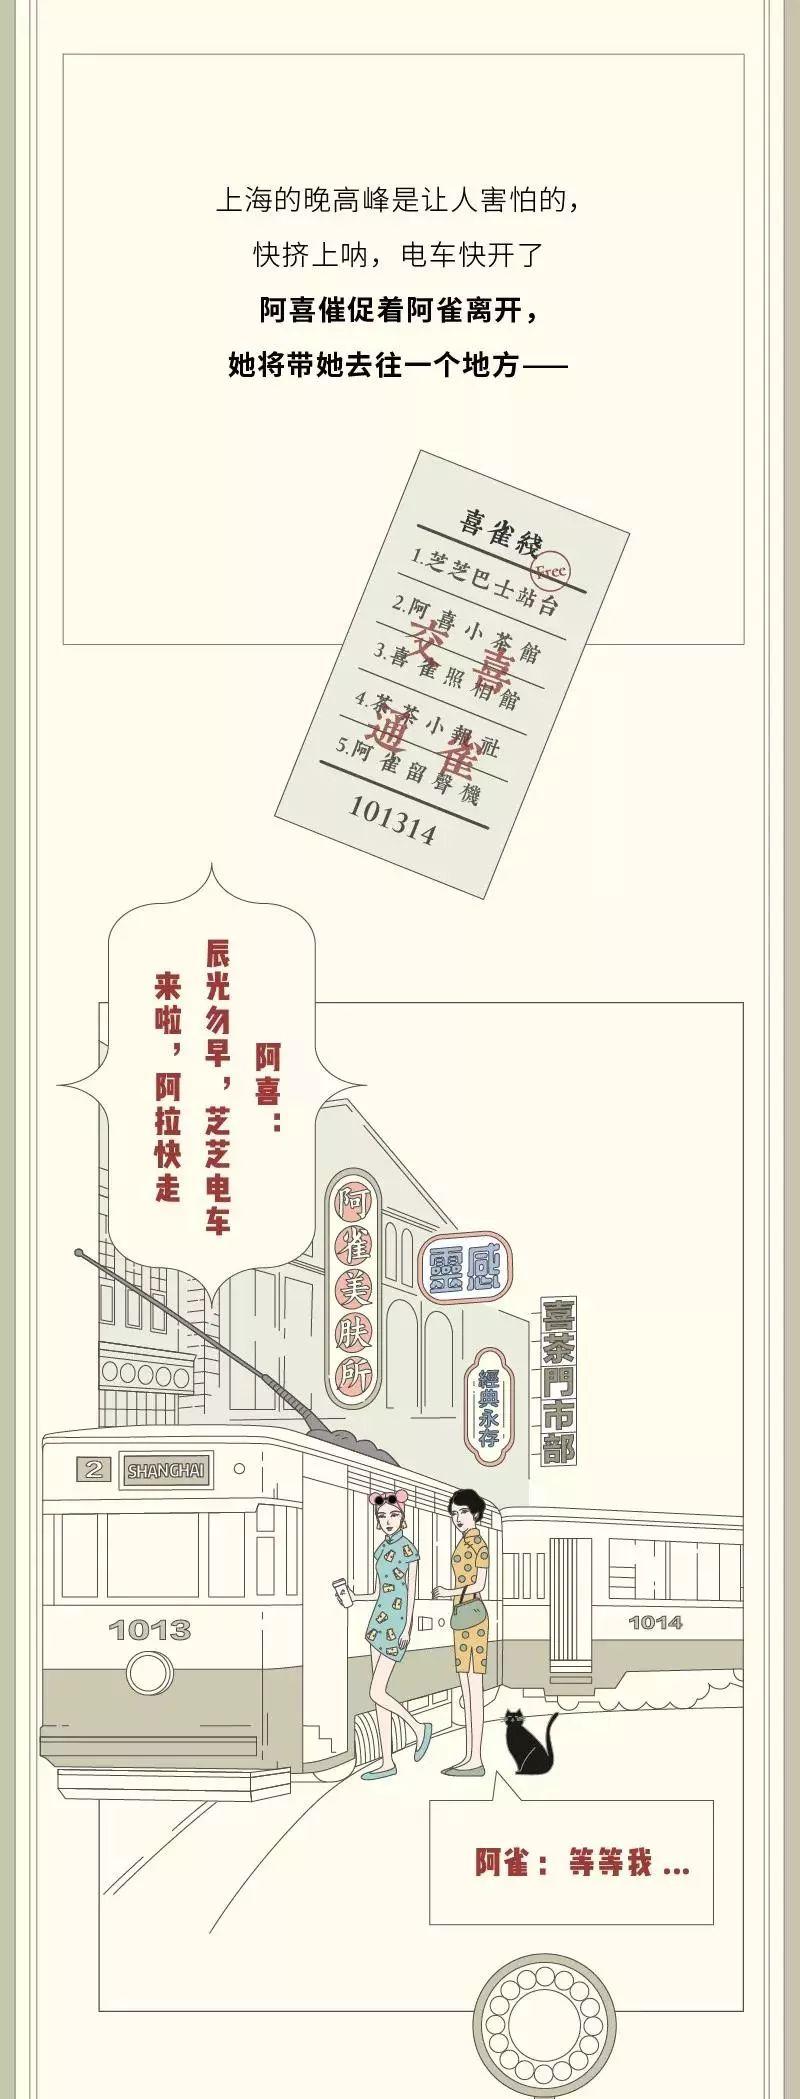 喜茶x百雀羚出长图:看喜雀姐妹如何玩遍老上海